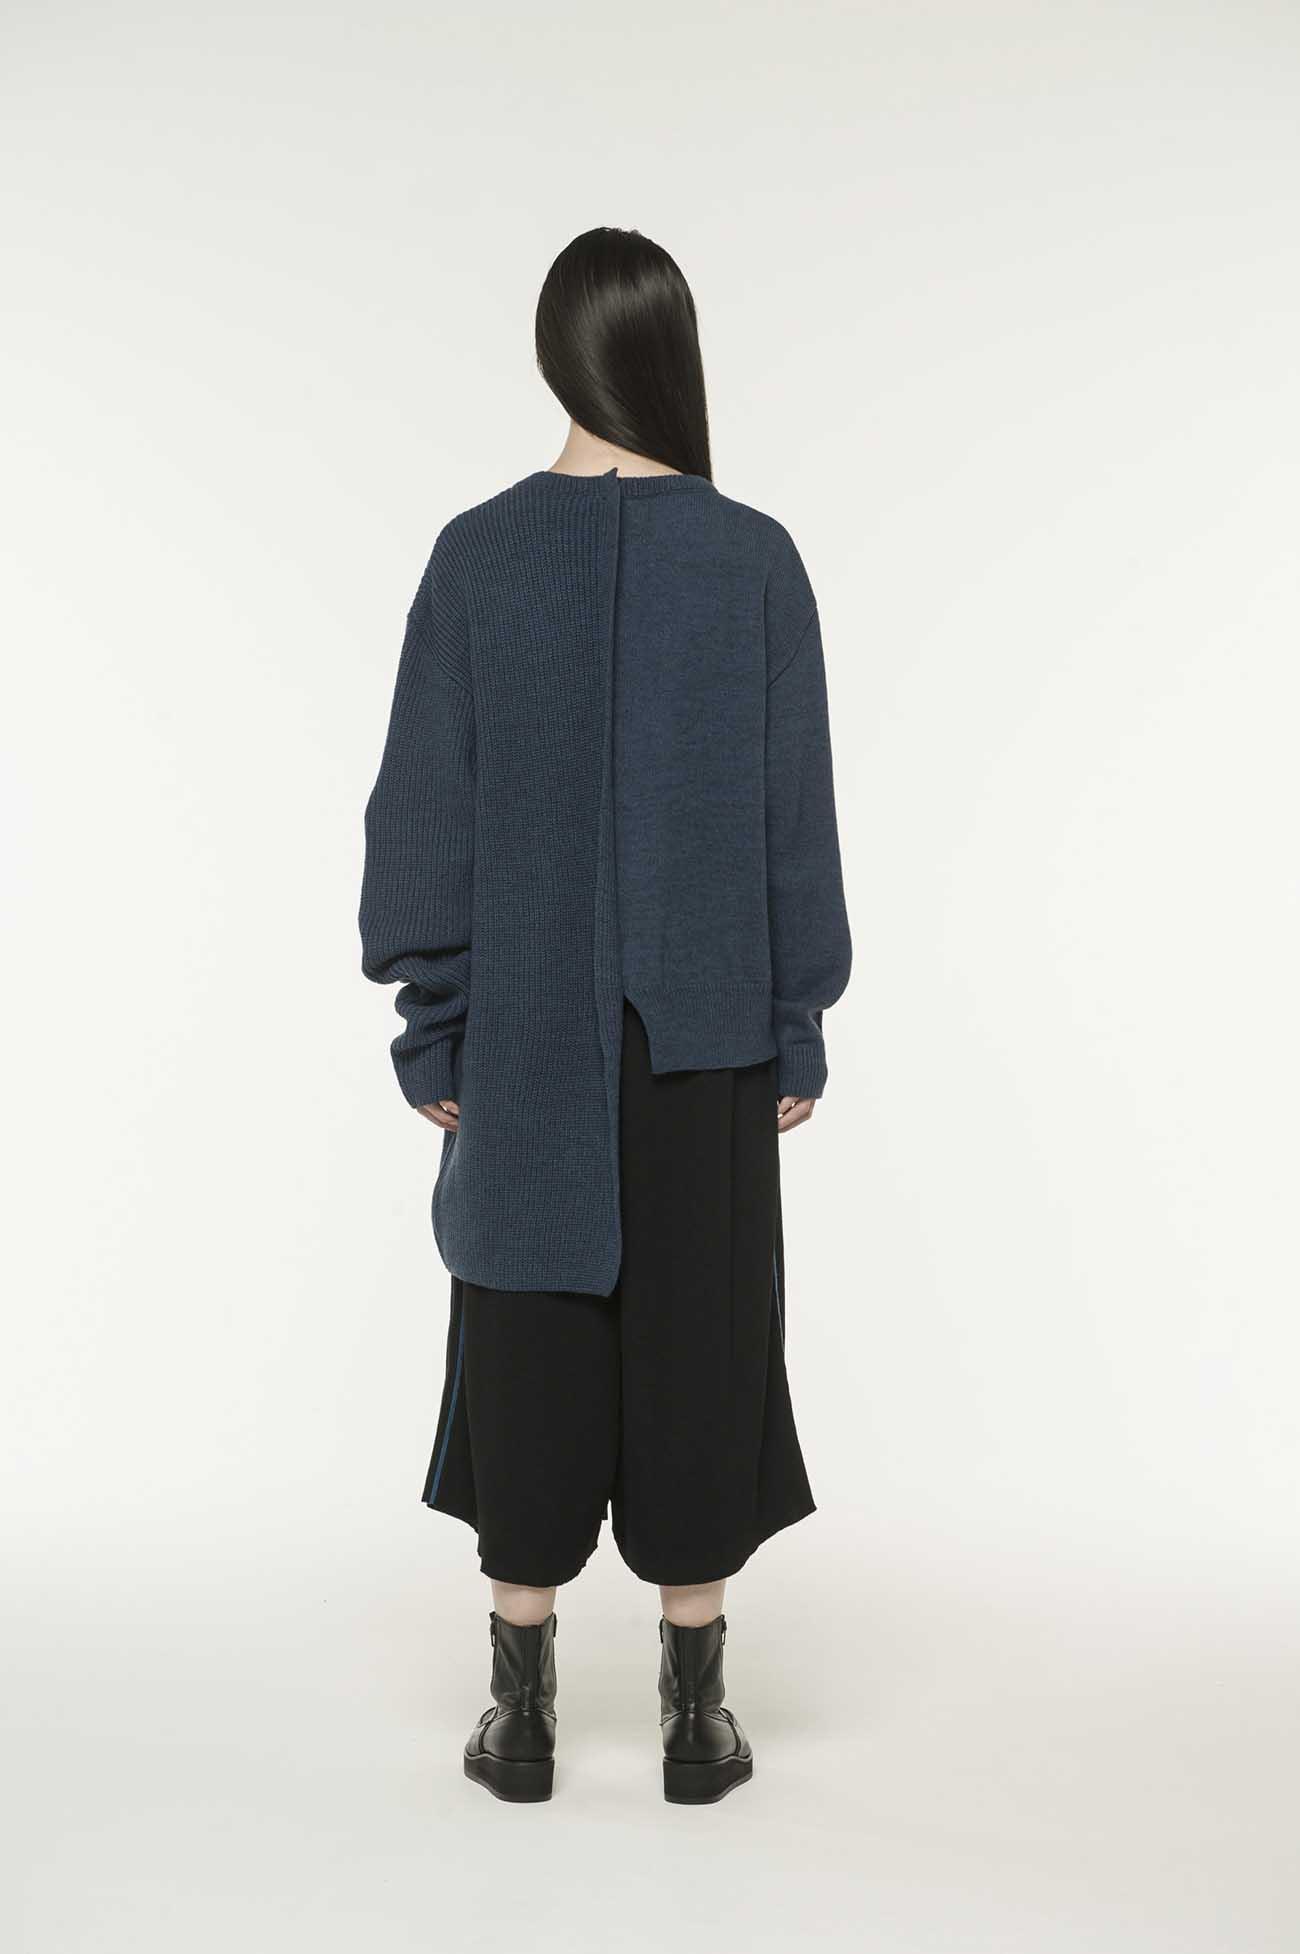 RISMATbyY的Tengu x Tsuen Hen针织中间开关套头衫